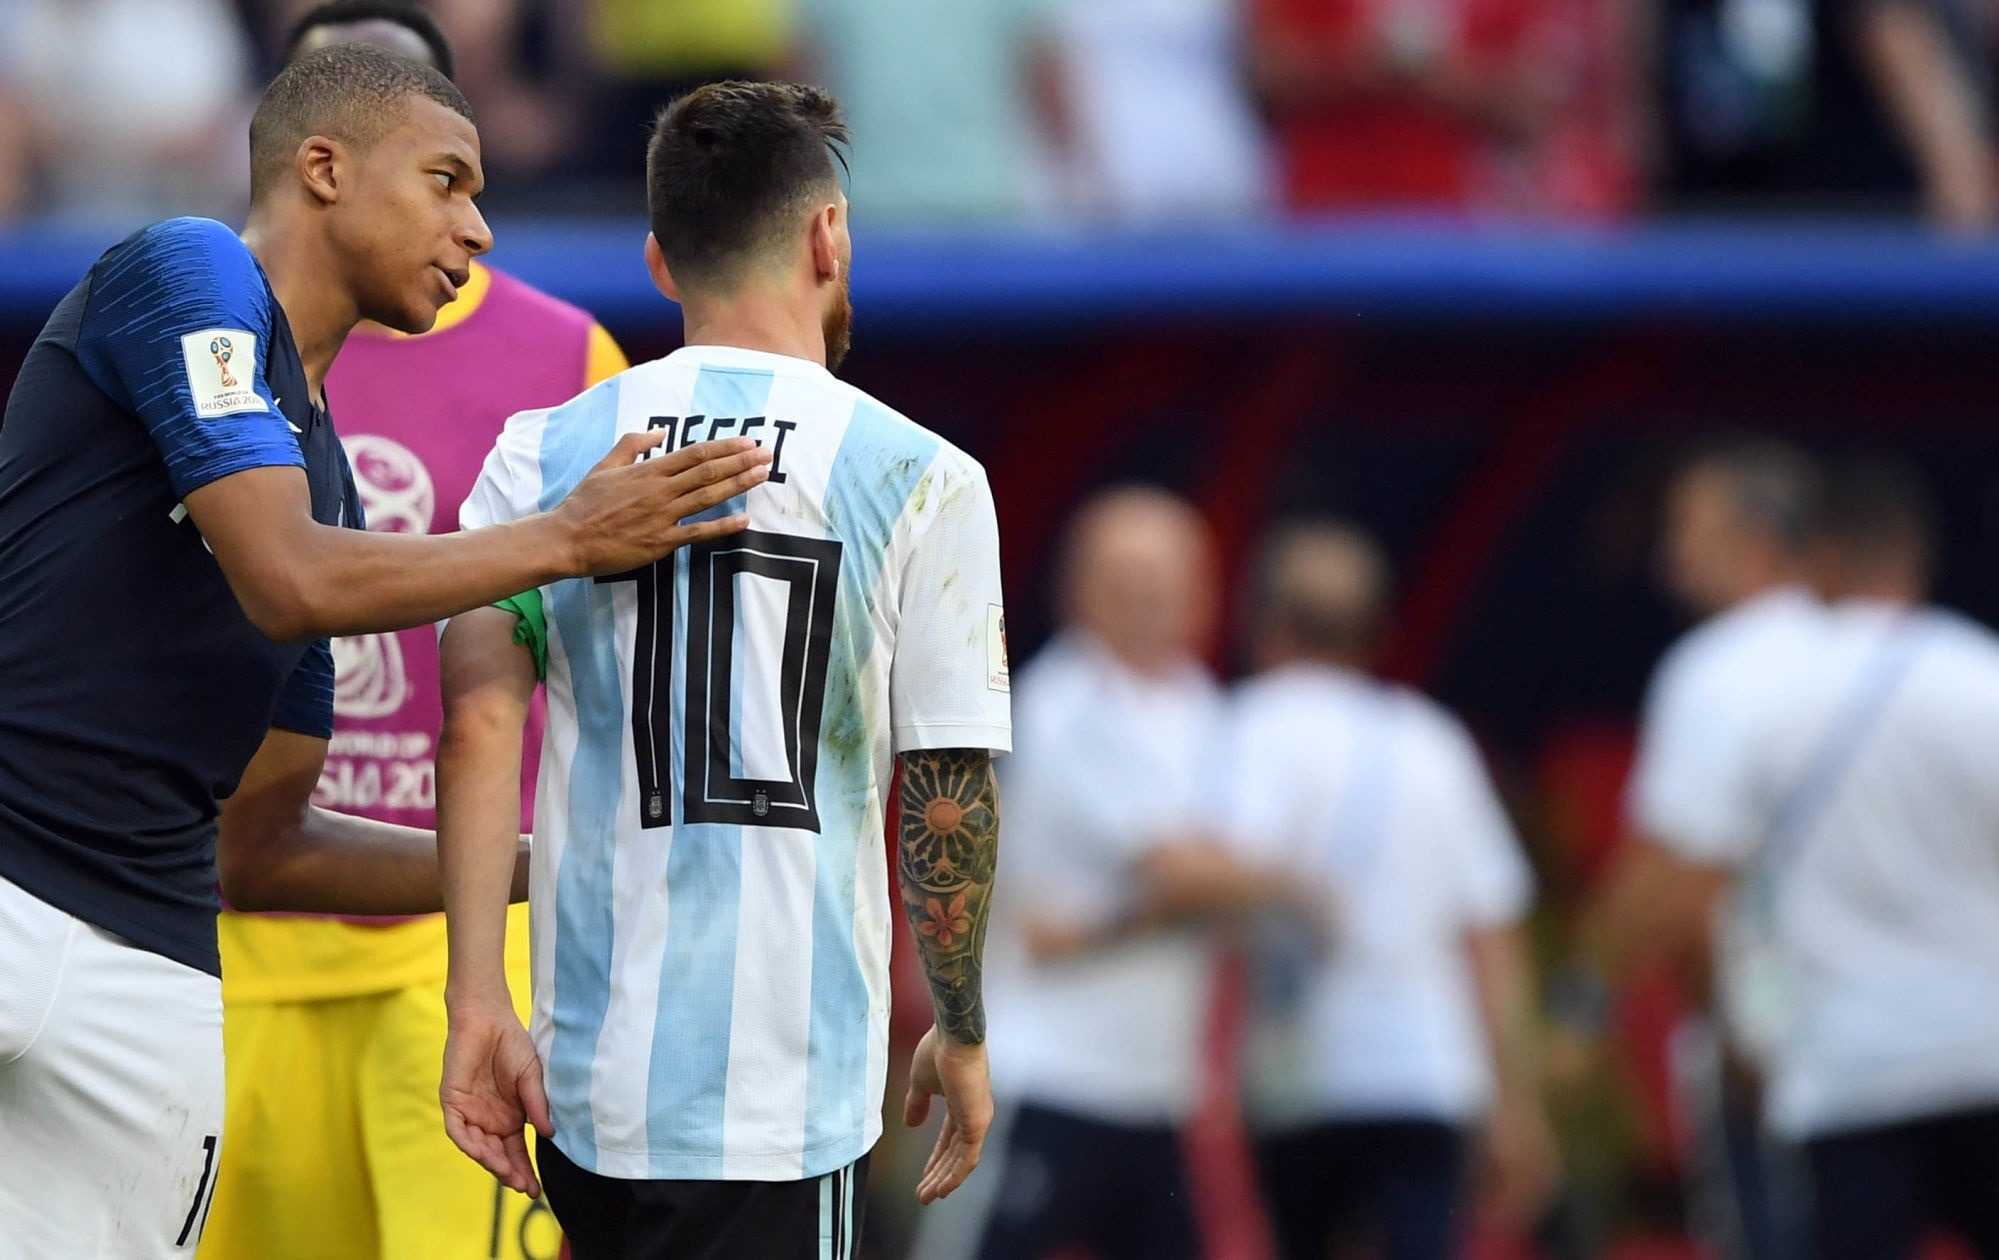 Les Français préfèrent Mbappé plutôt que Messi au PSG et sont peu confiants pour la LDC